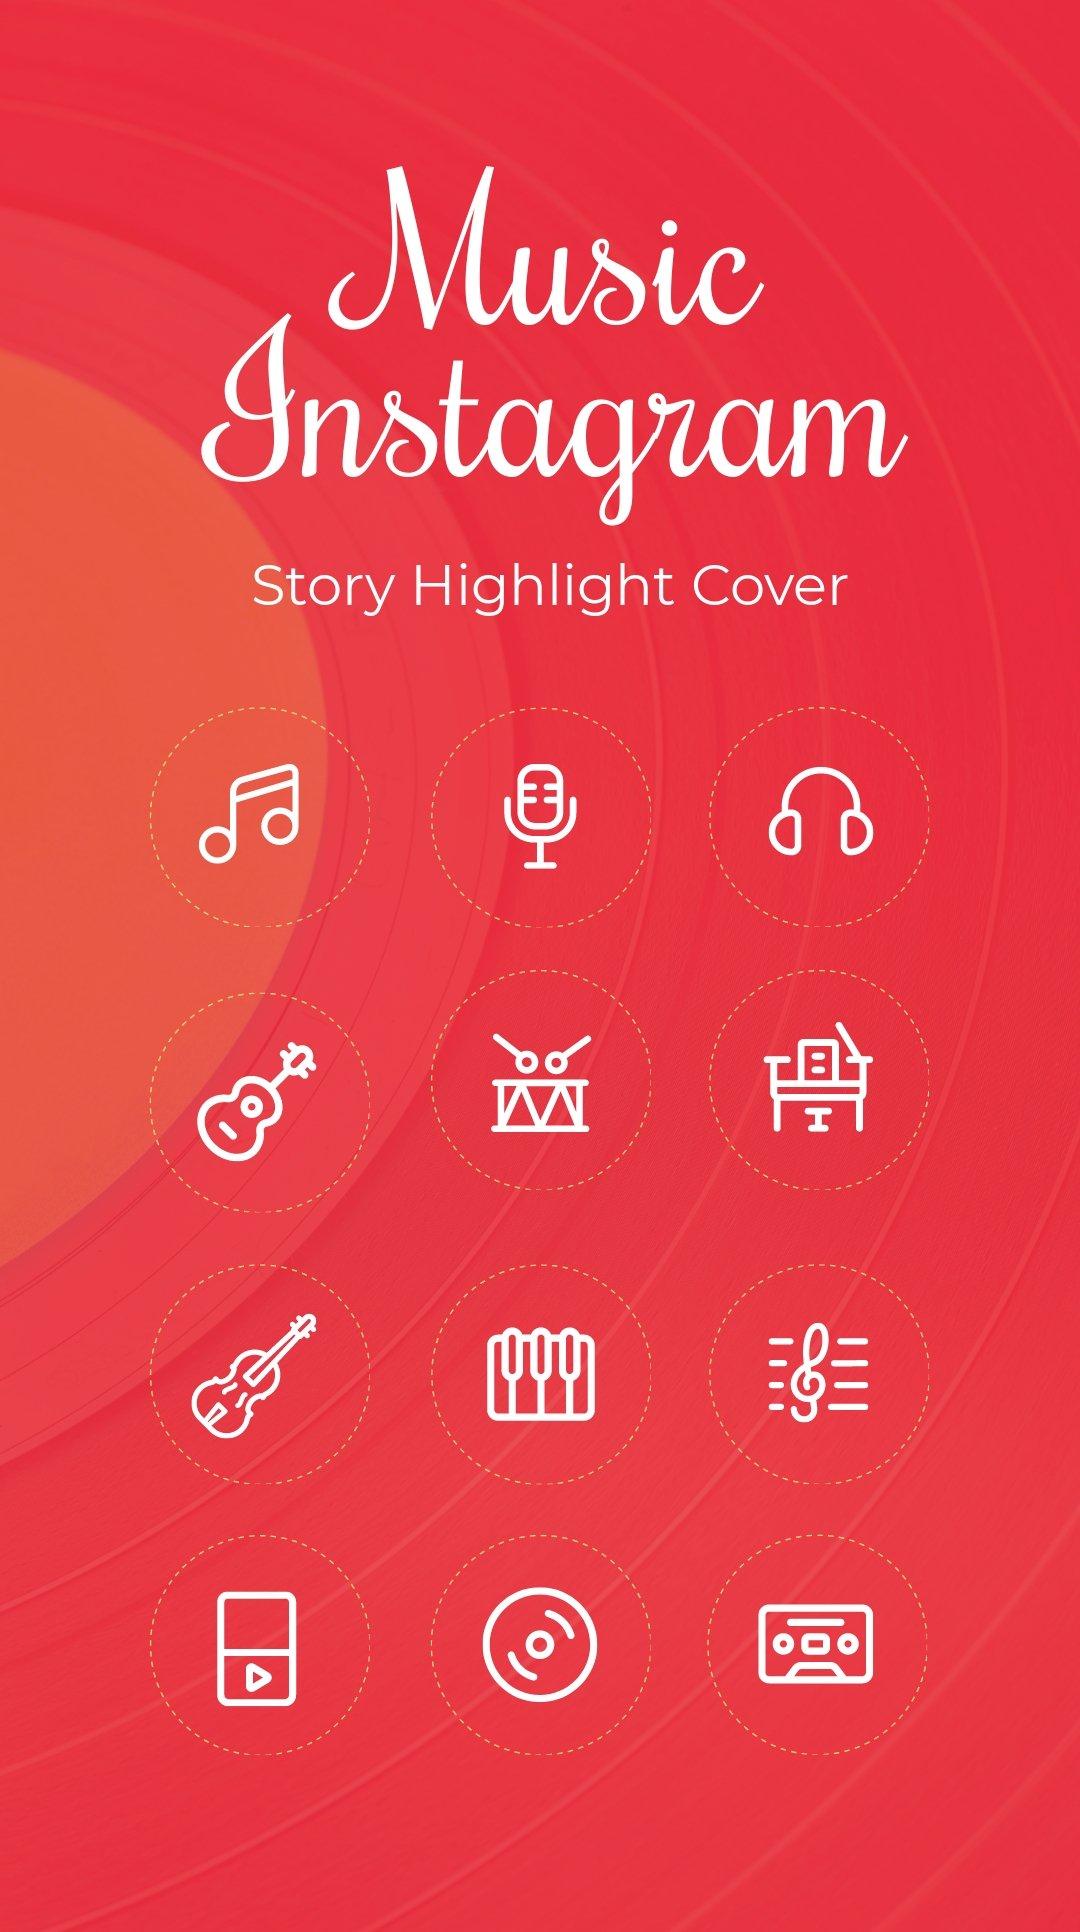 Music Instagram Story Highlight Cover.jpe